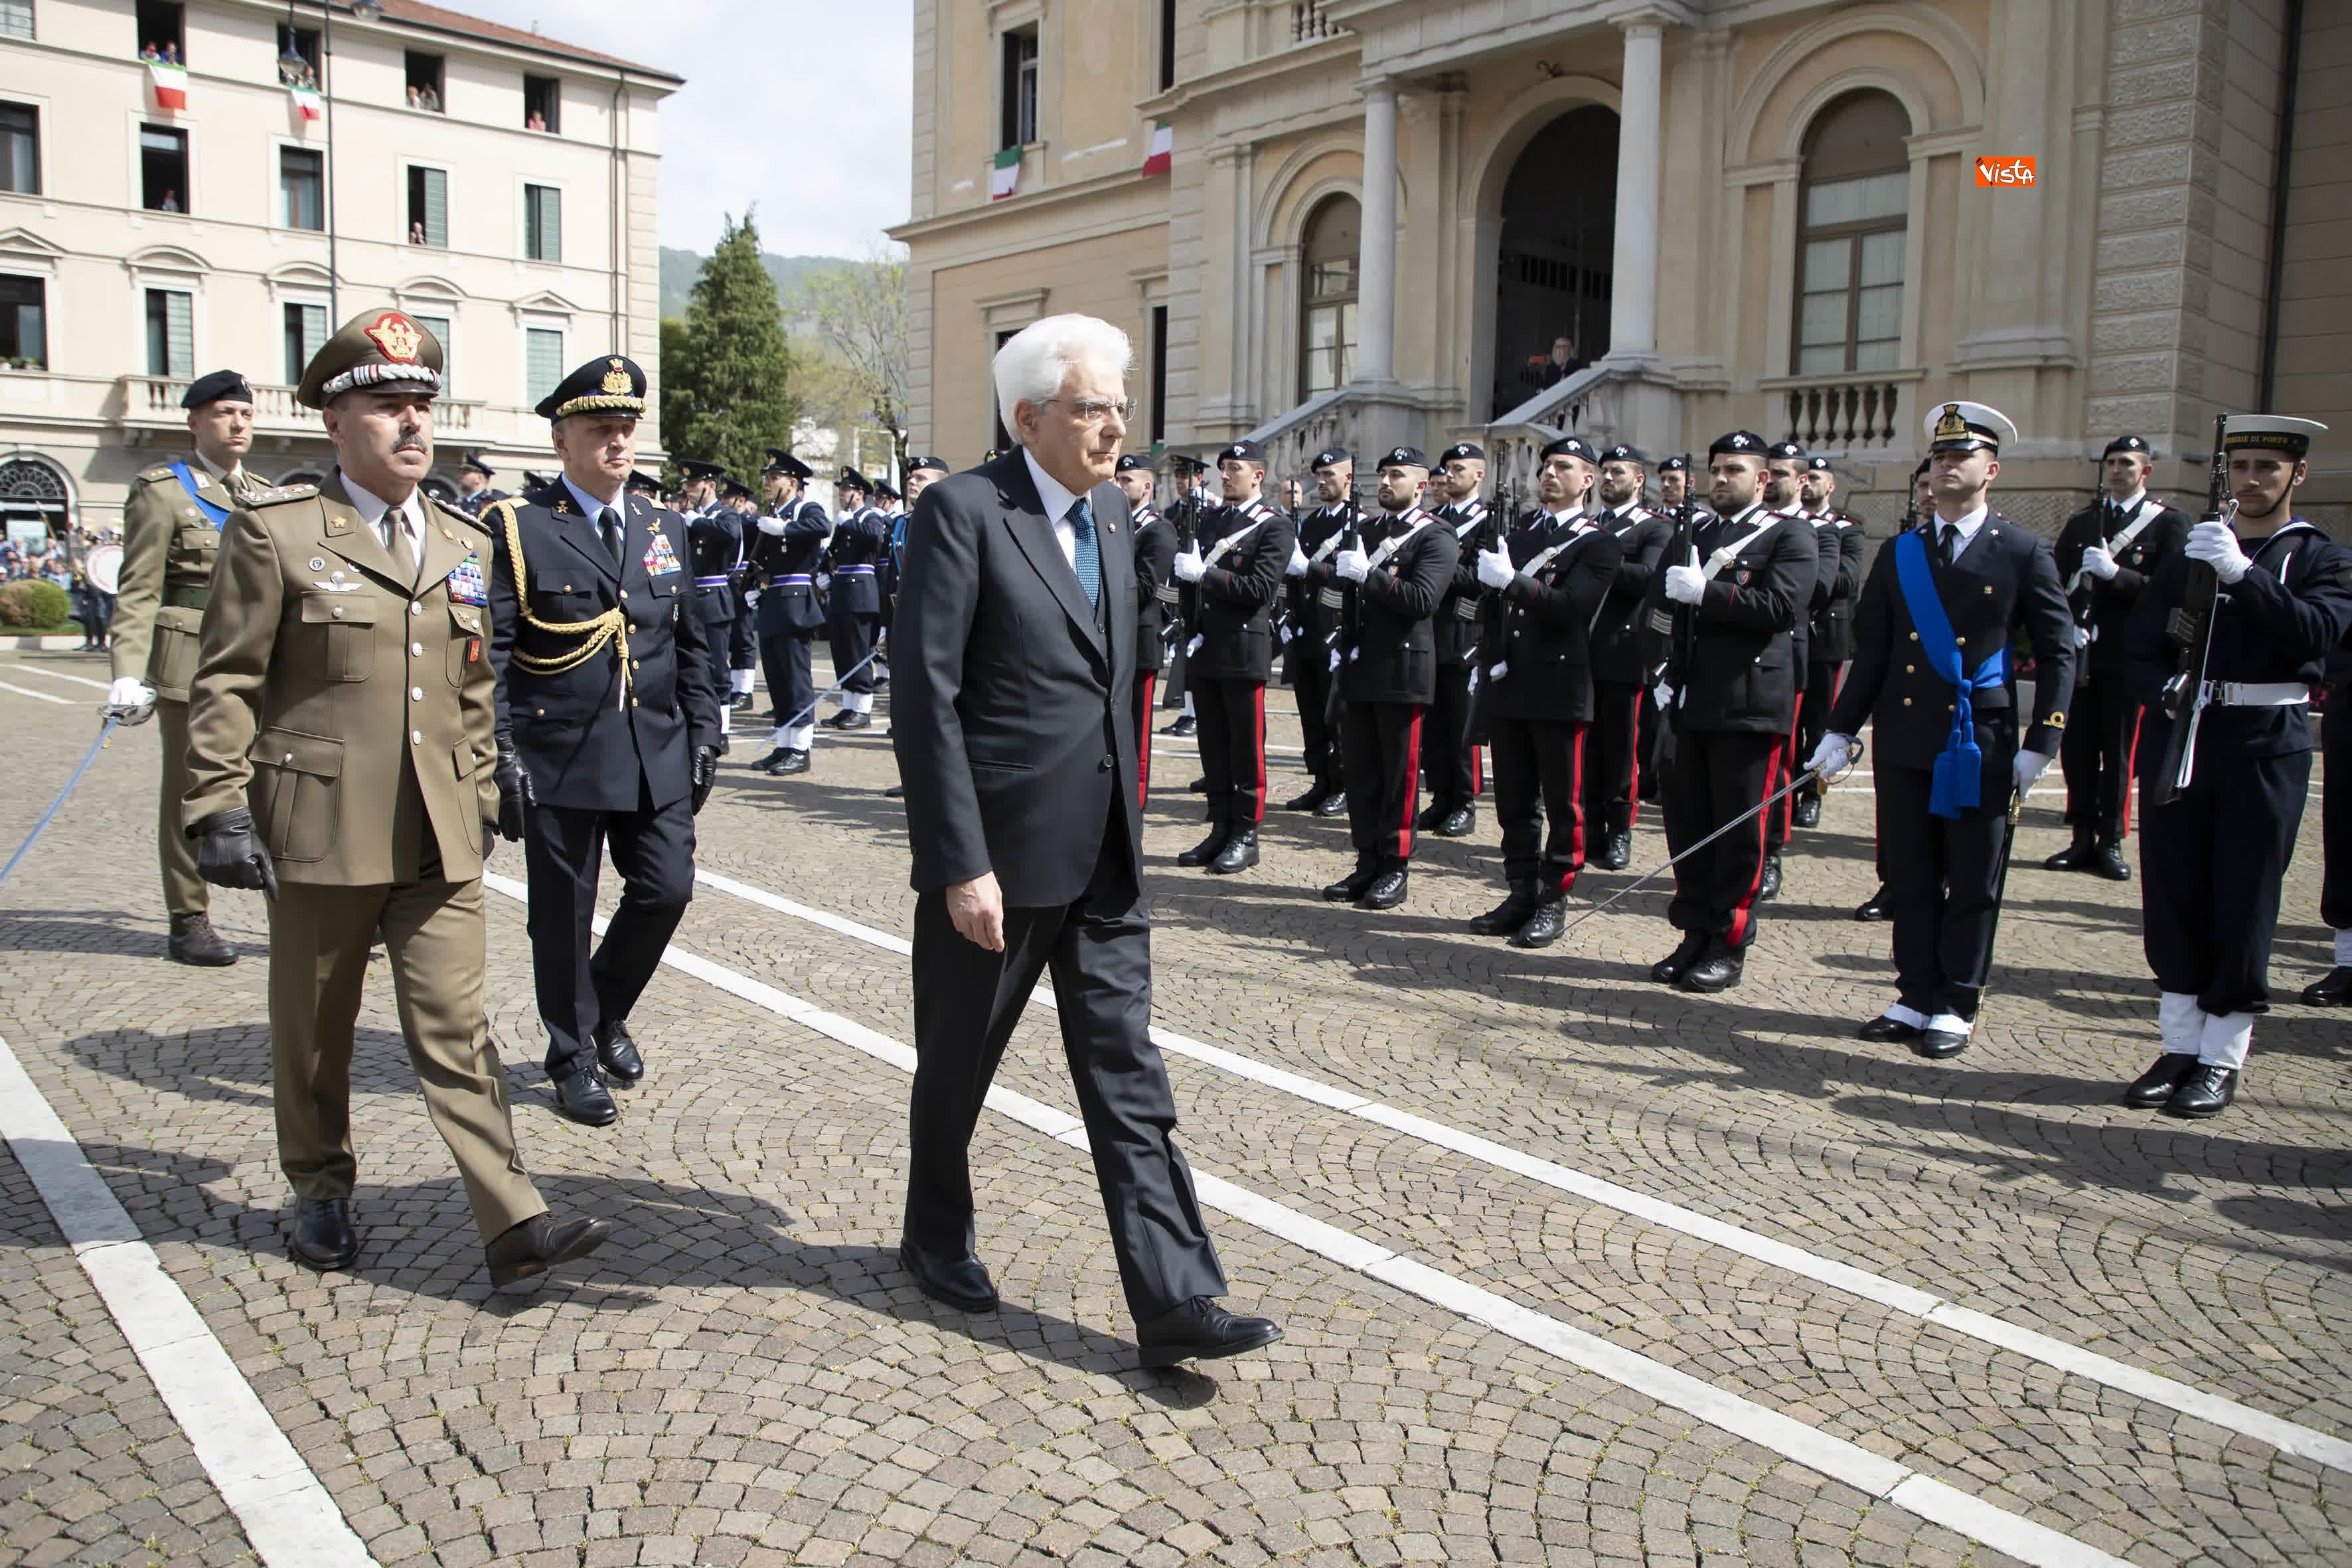 25-04-19 Il Presidente Mattarella assiste alla Cerimonia dell alzabandiera a Vittorio Veneto_02